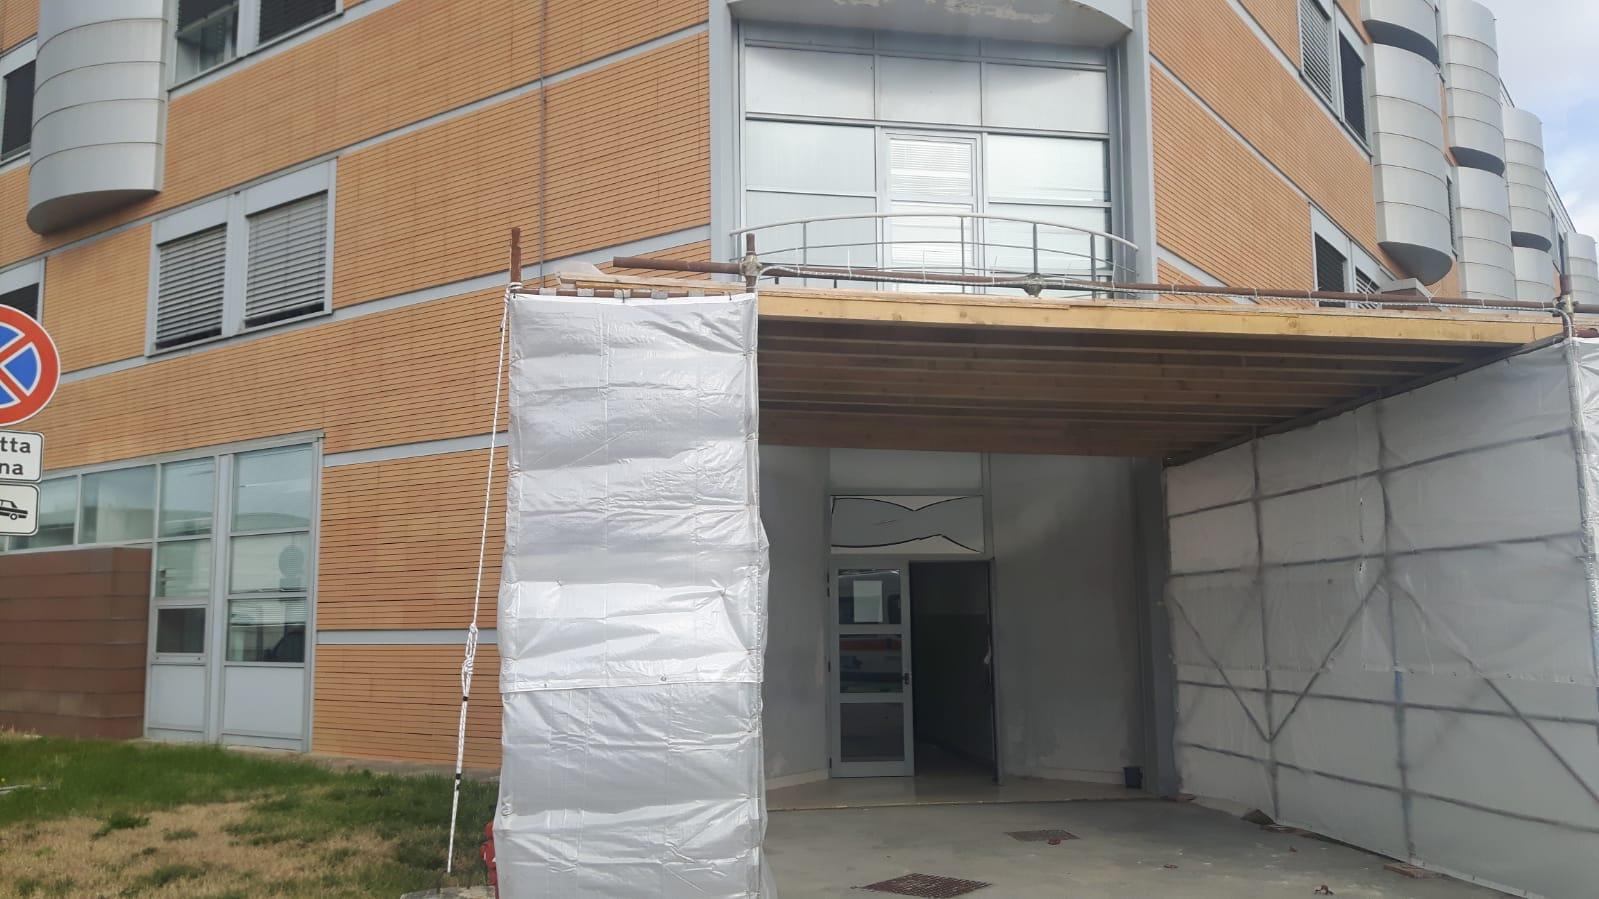 Pronto Soccorso, Meoni visita il cantiere all'Ospedale di Fratta